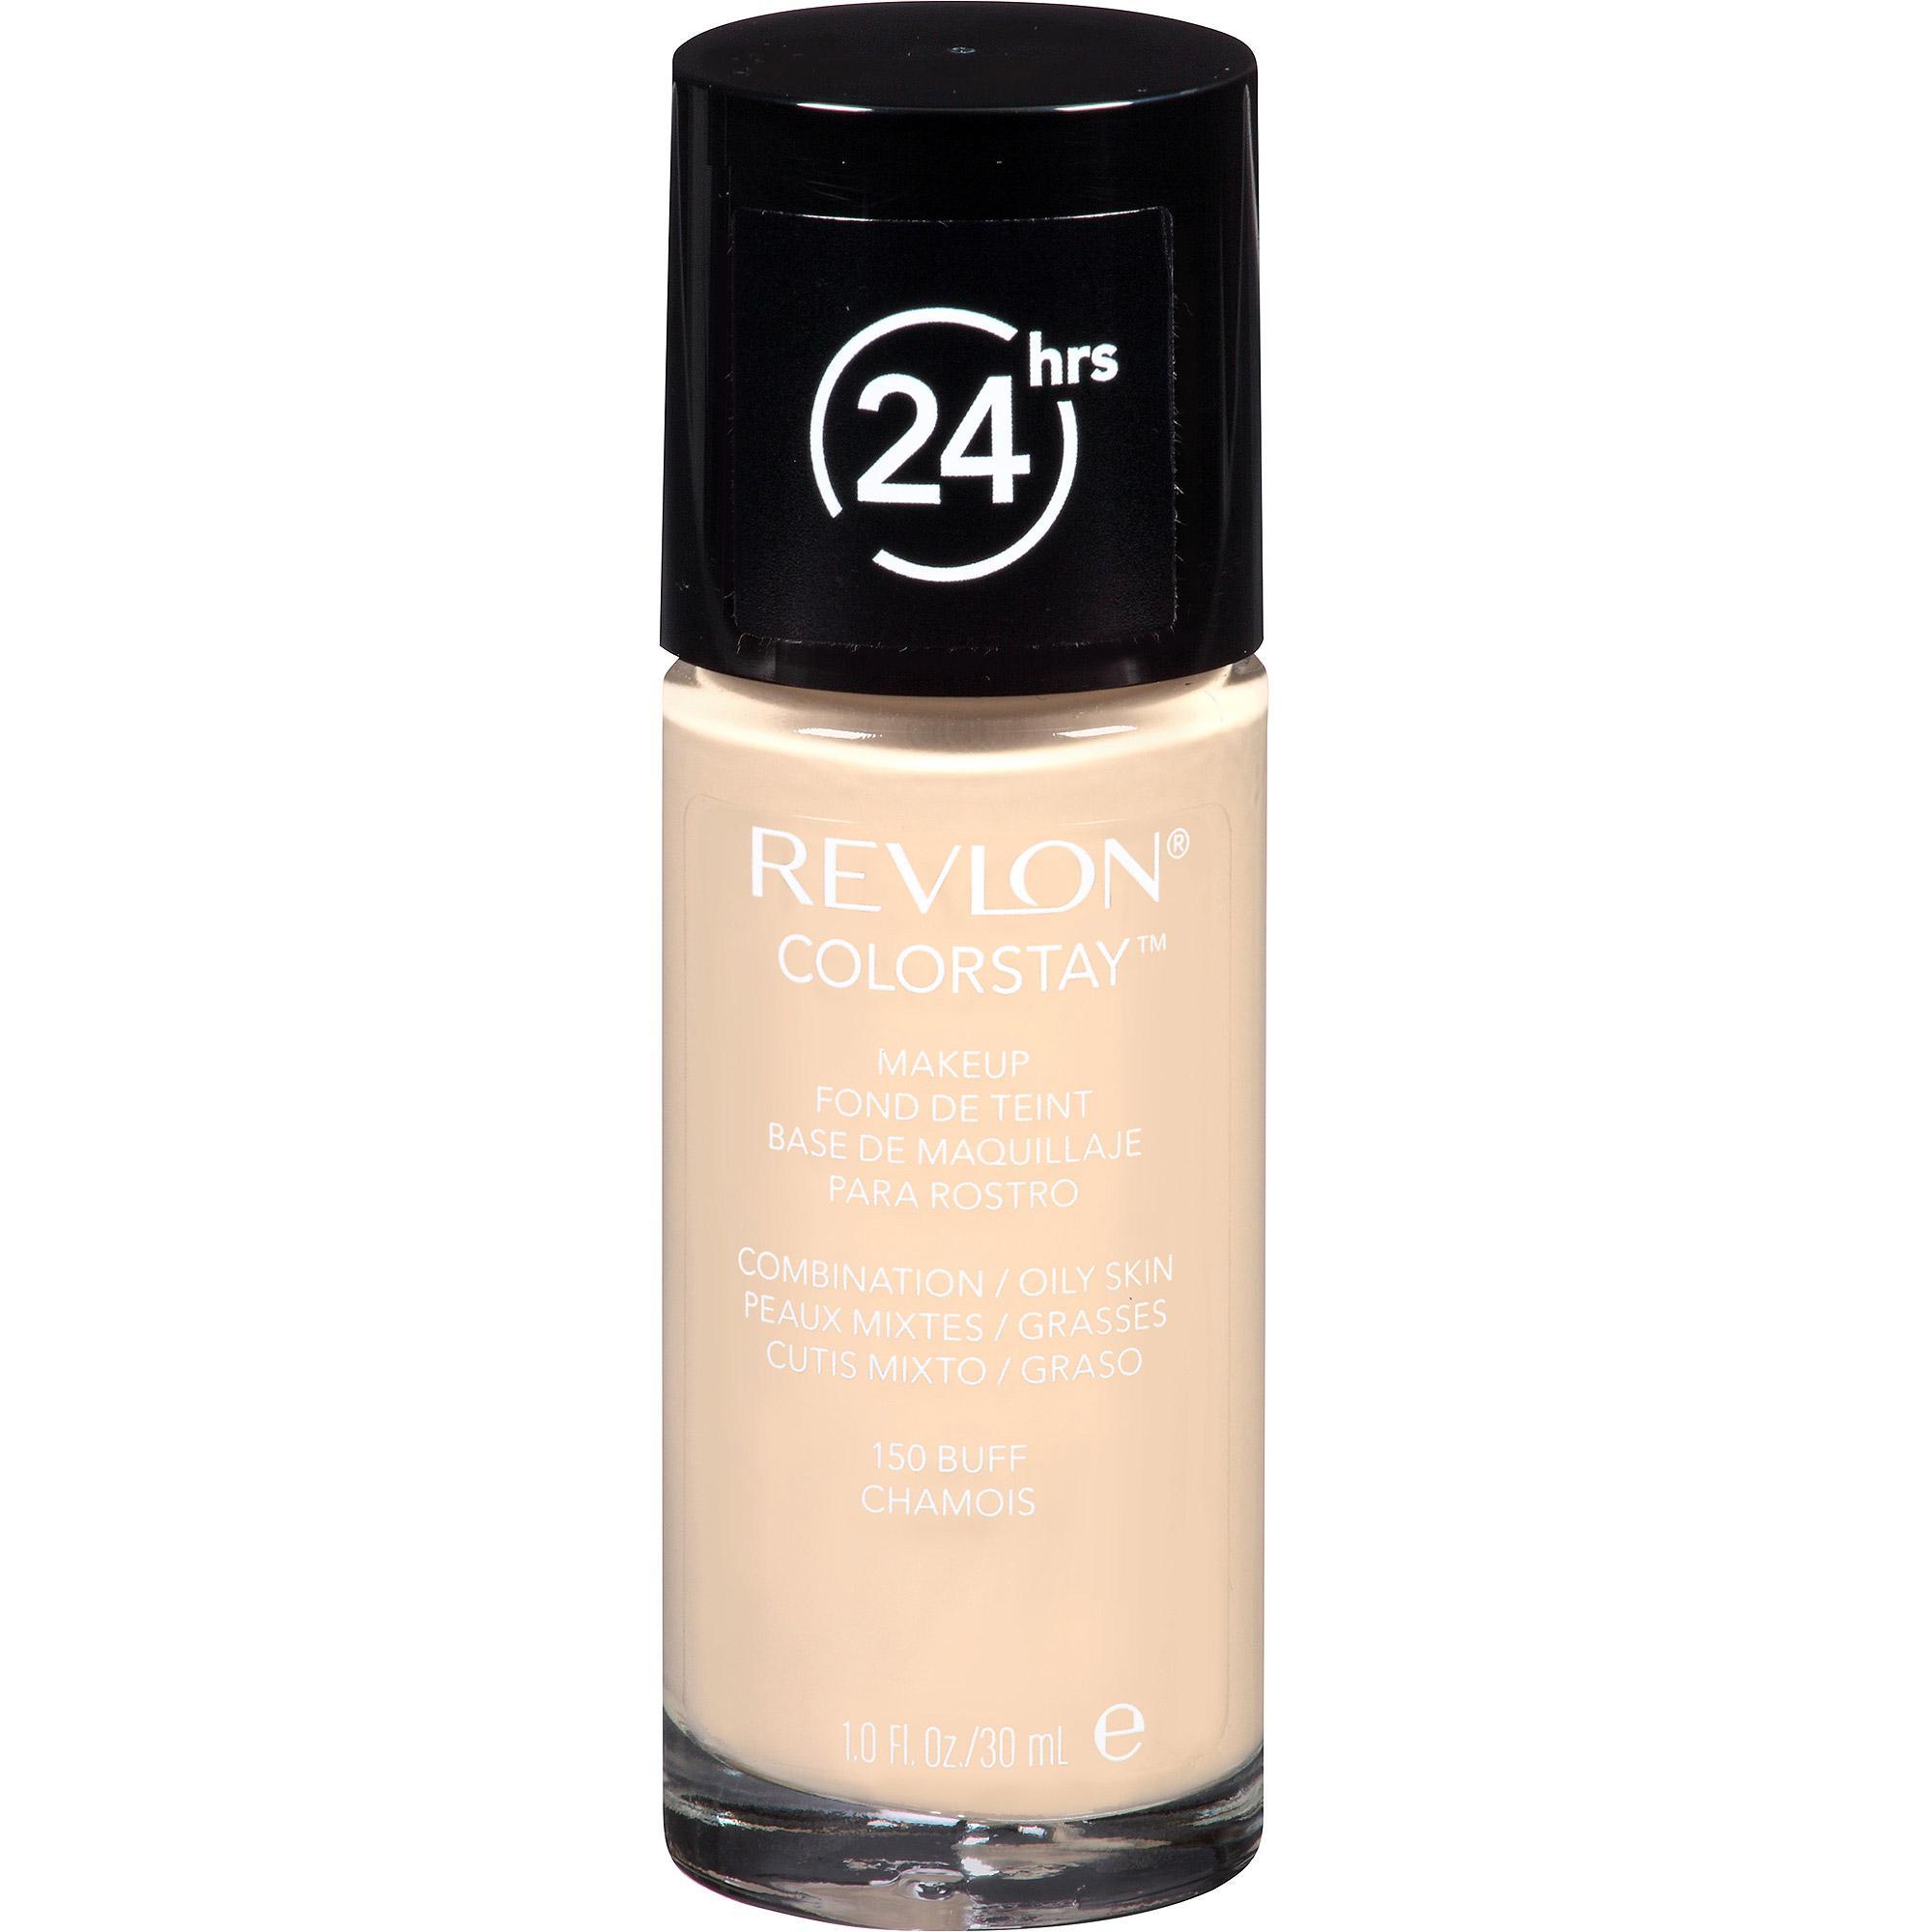 أساس الوجه ريفلون Revlon Colorstay Makeup For Combination/Oily Skin للبشرة الدهنية